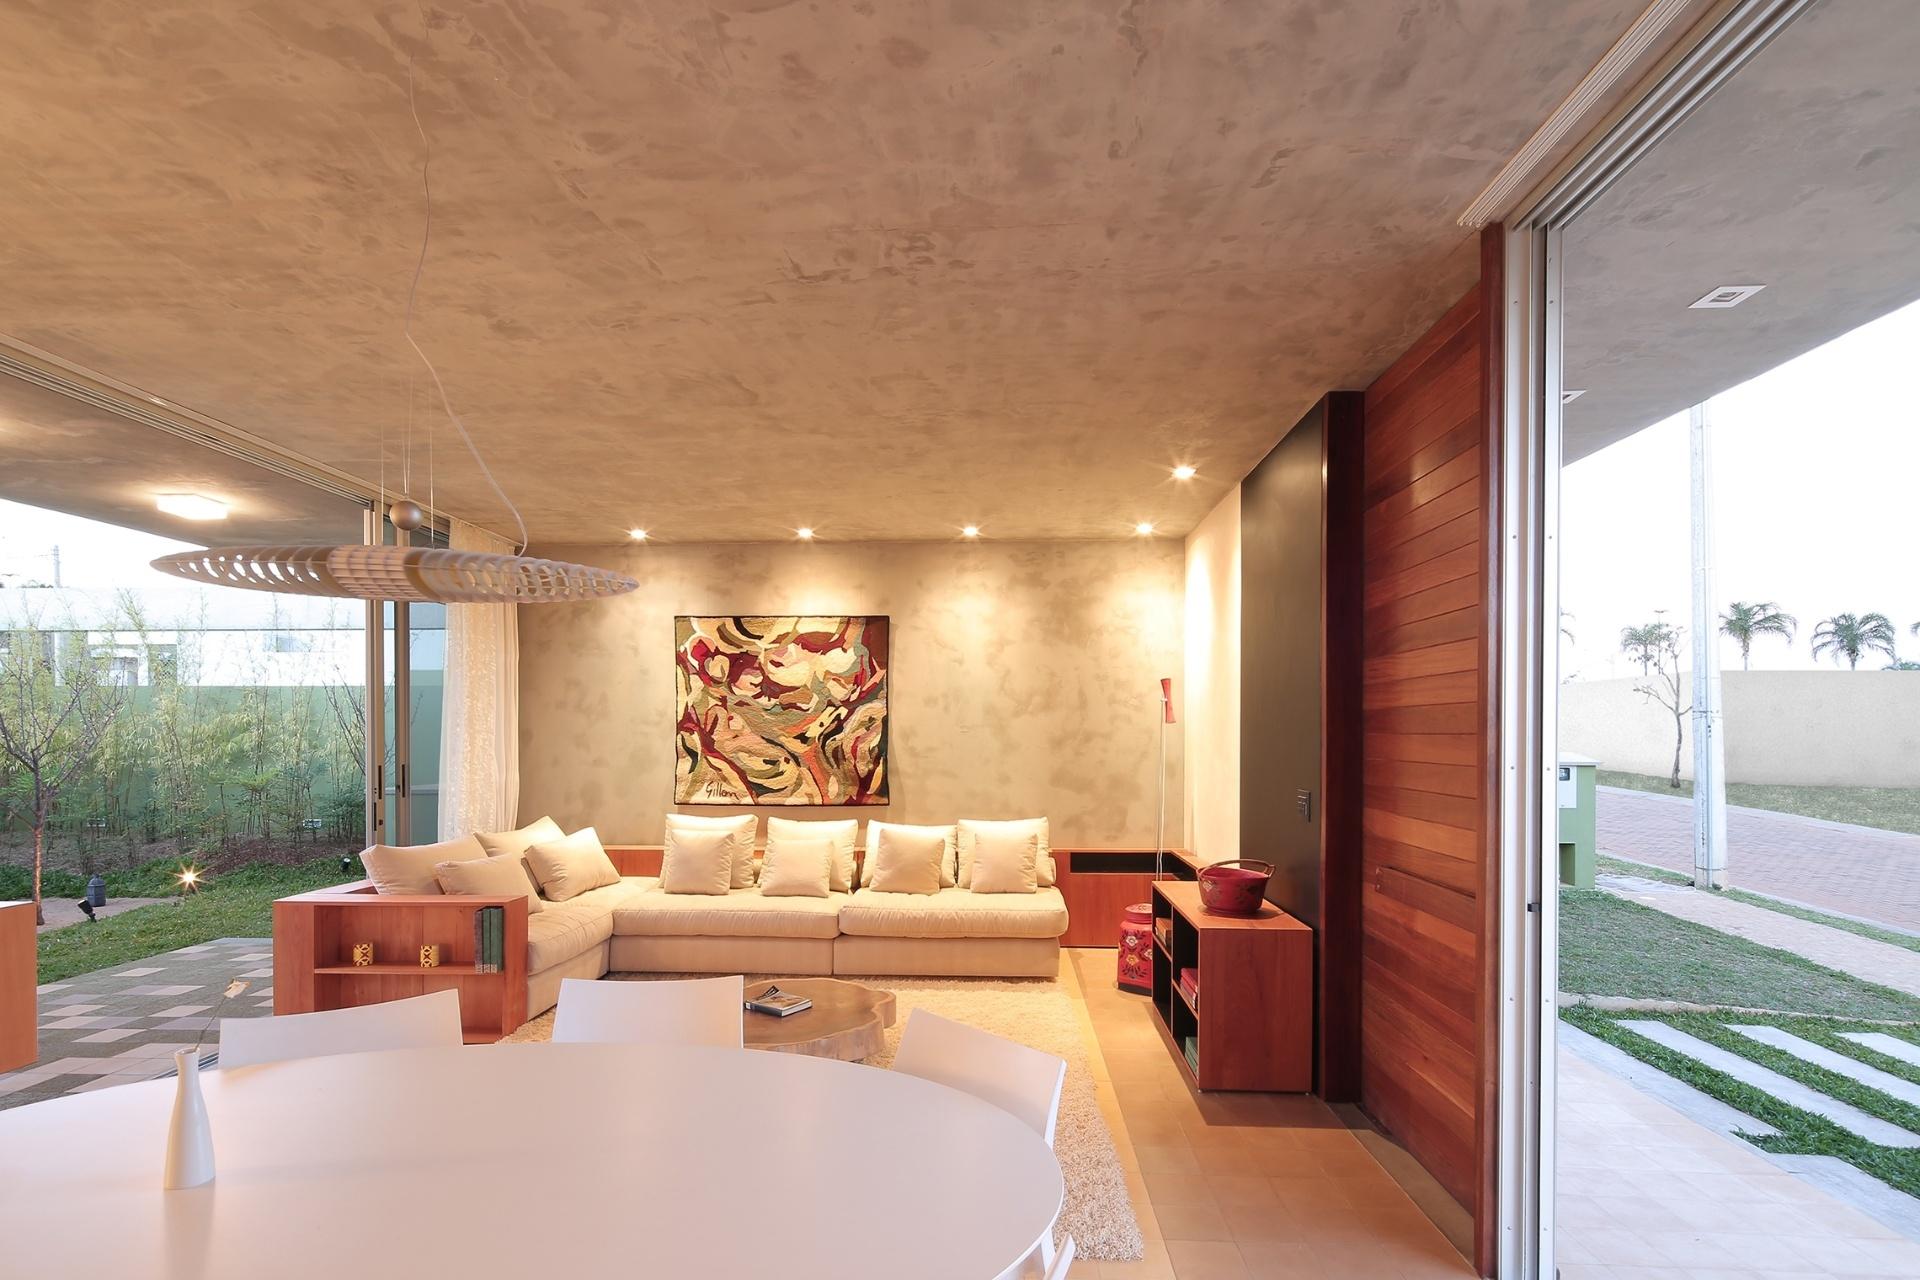 O estar da casa Madrid reflete a ideia de desenvolver uma arquitetura que usa de forma plena a ventilação natural e ocupa toda a largura do terreno,